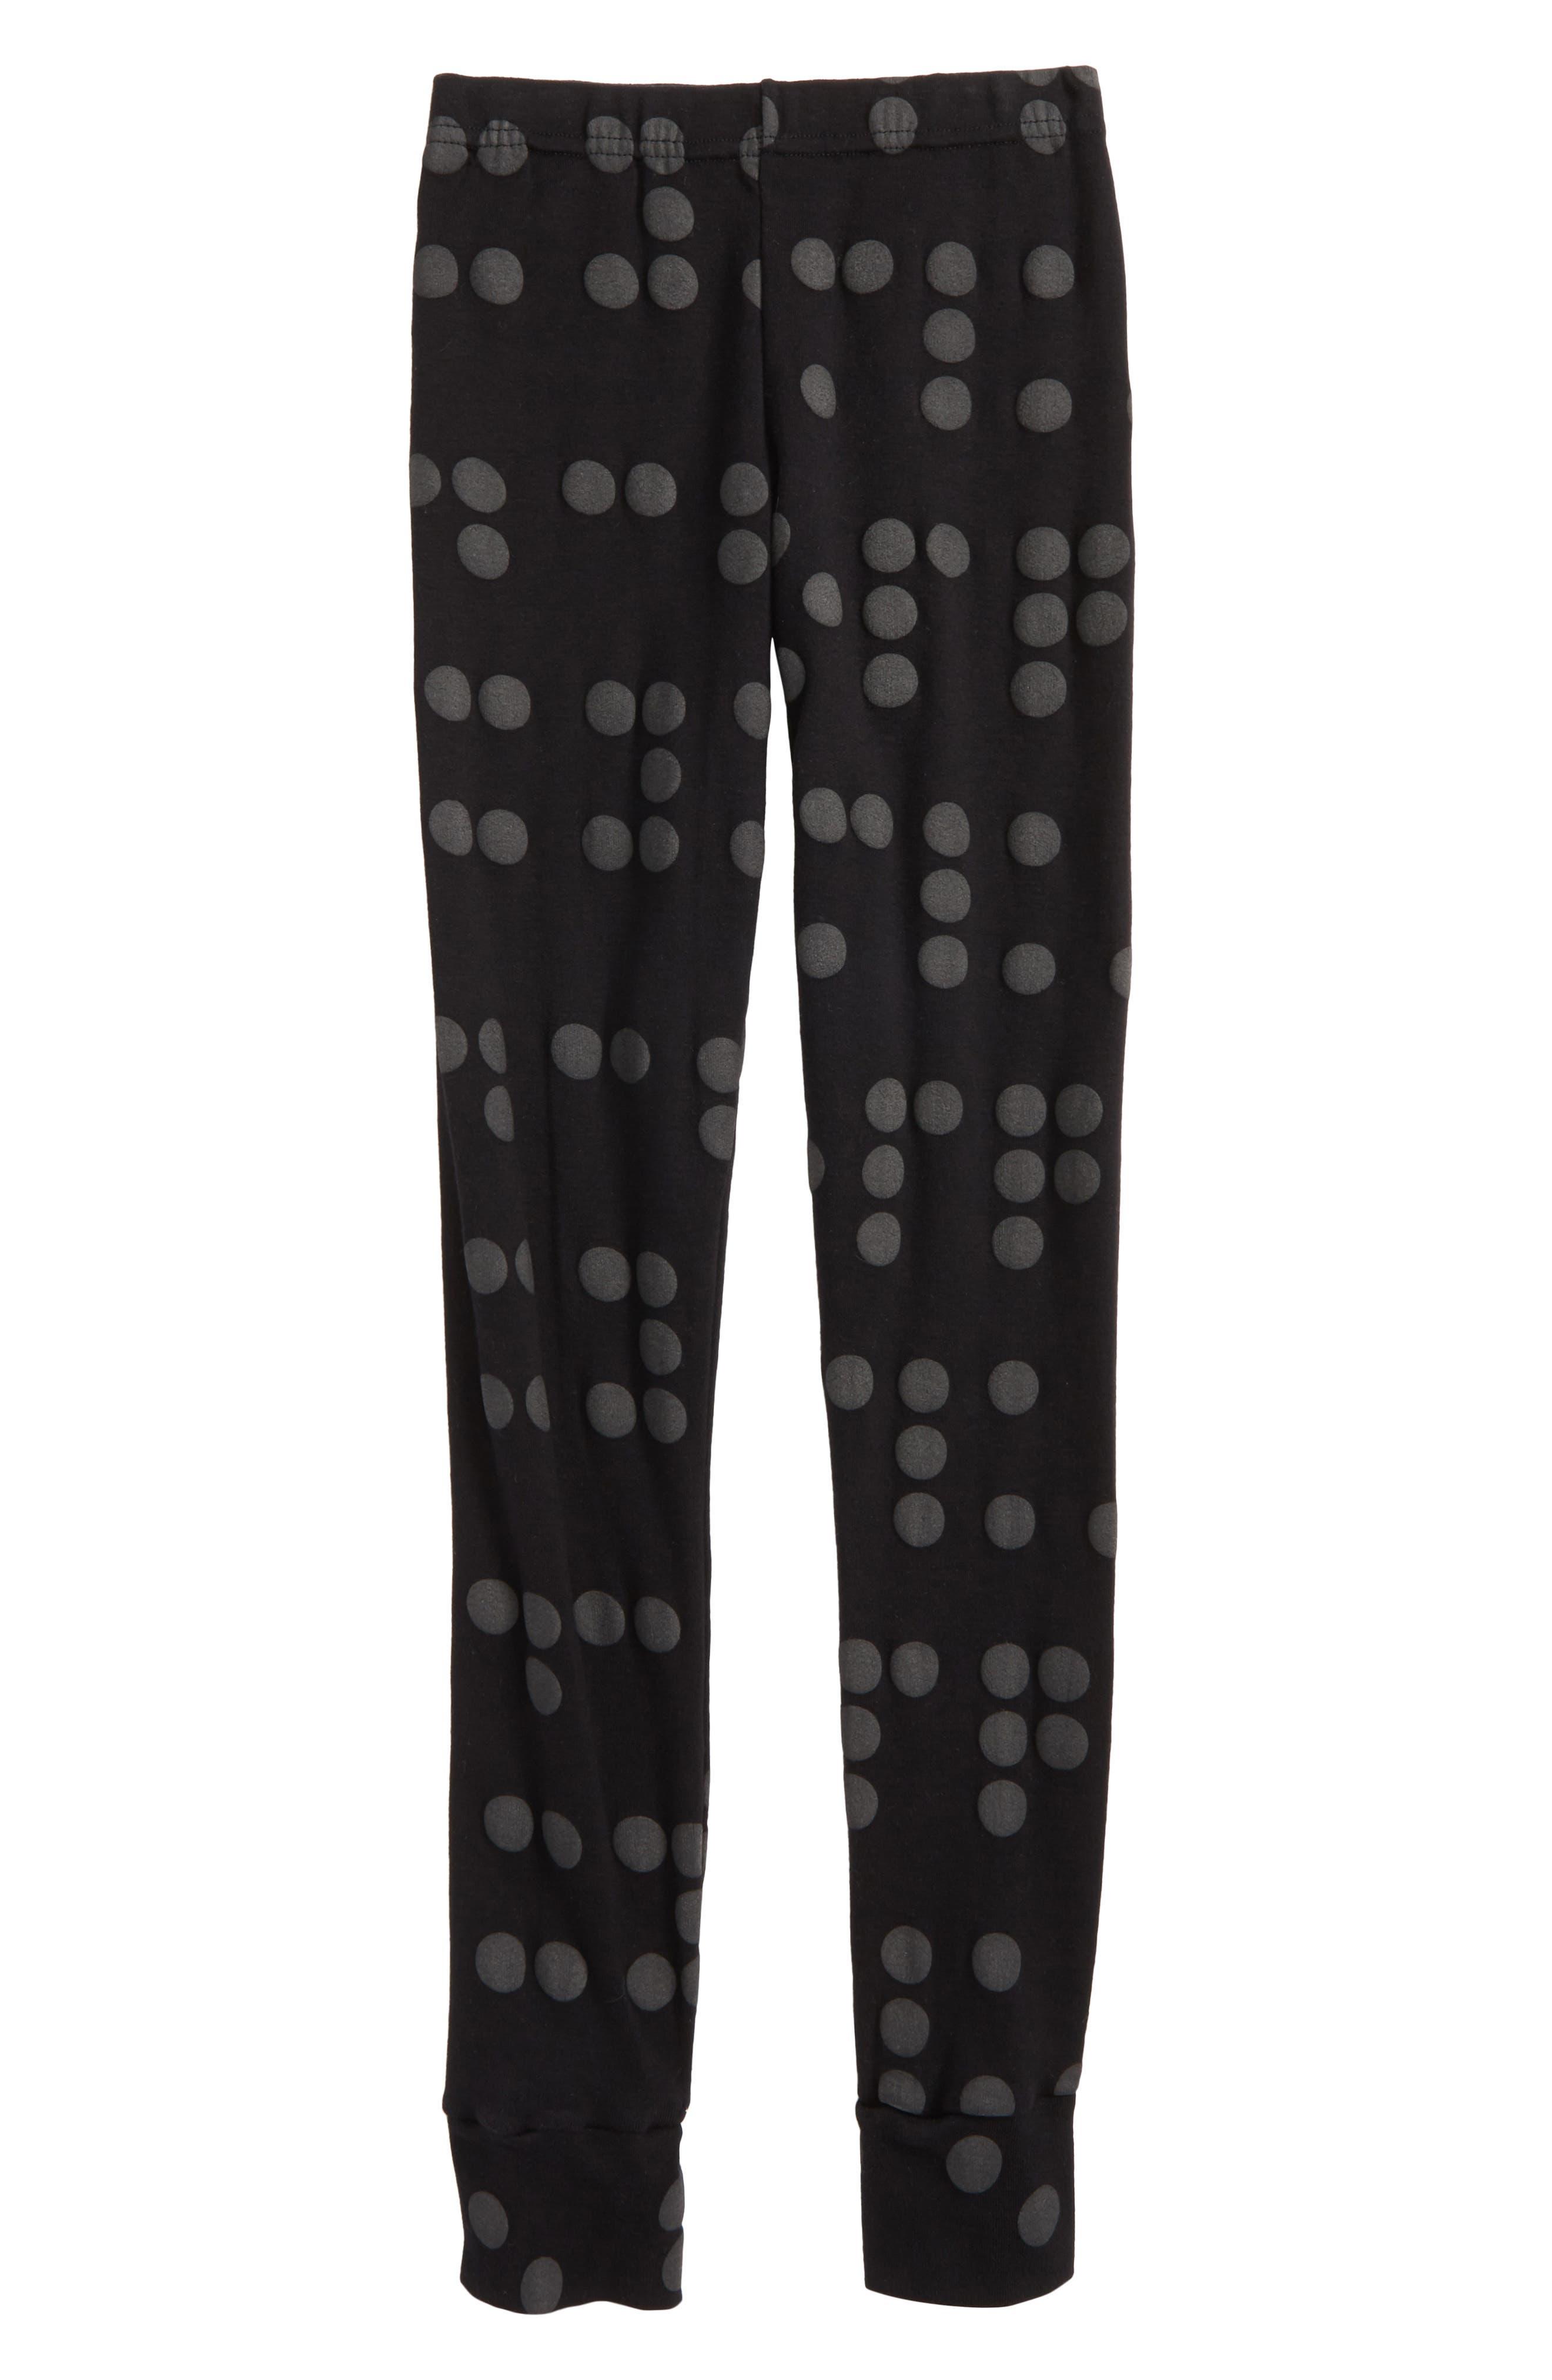 Alternate Image 1 Selected - Nununu Braille Dot Leggings (Toddler Girls, Little Girls & Big Girls)